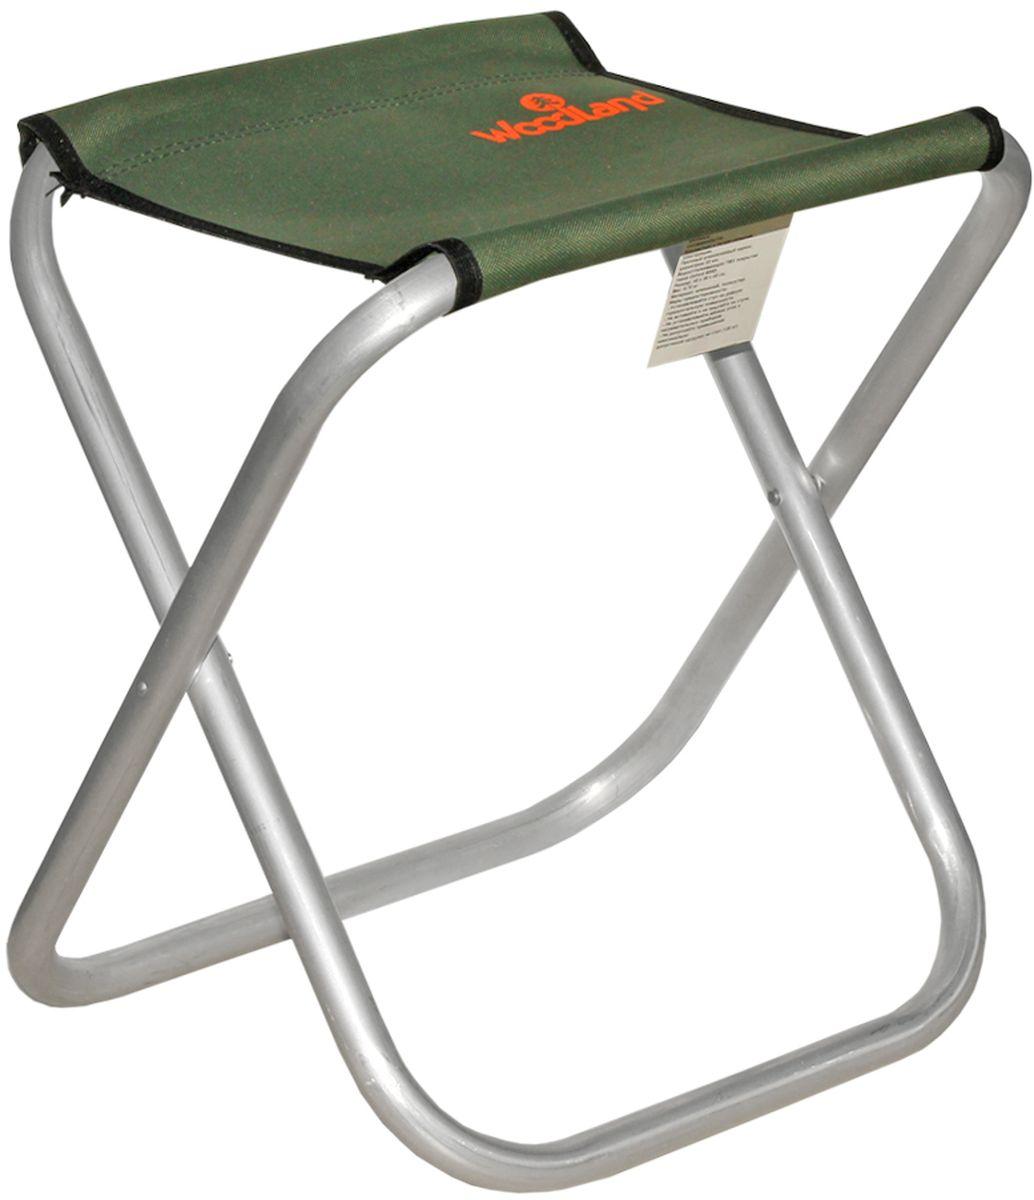 Стул Woodland Compact ALU, цвет: оливковый, стальной, 40 x 30 х 40 смAS 25Прочный алюминиевый каркас диаметром 22 мм. Водоотталкивающее ПВХ покрытие ткани Oxford 600D.Максимально допустимая нагрузка: 120 кг